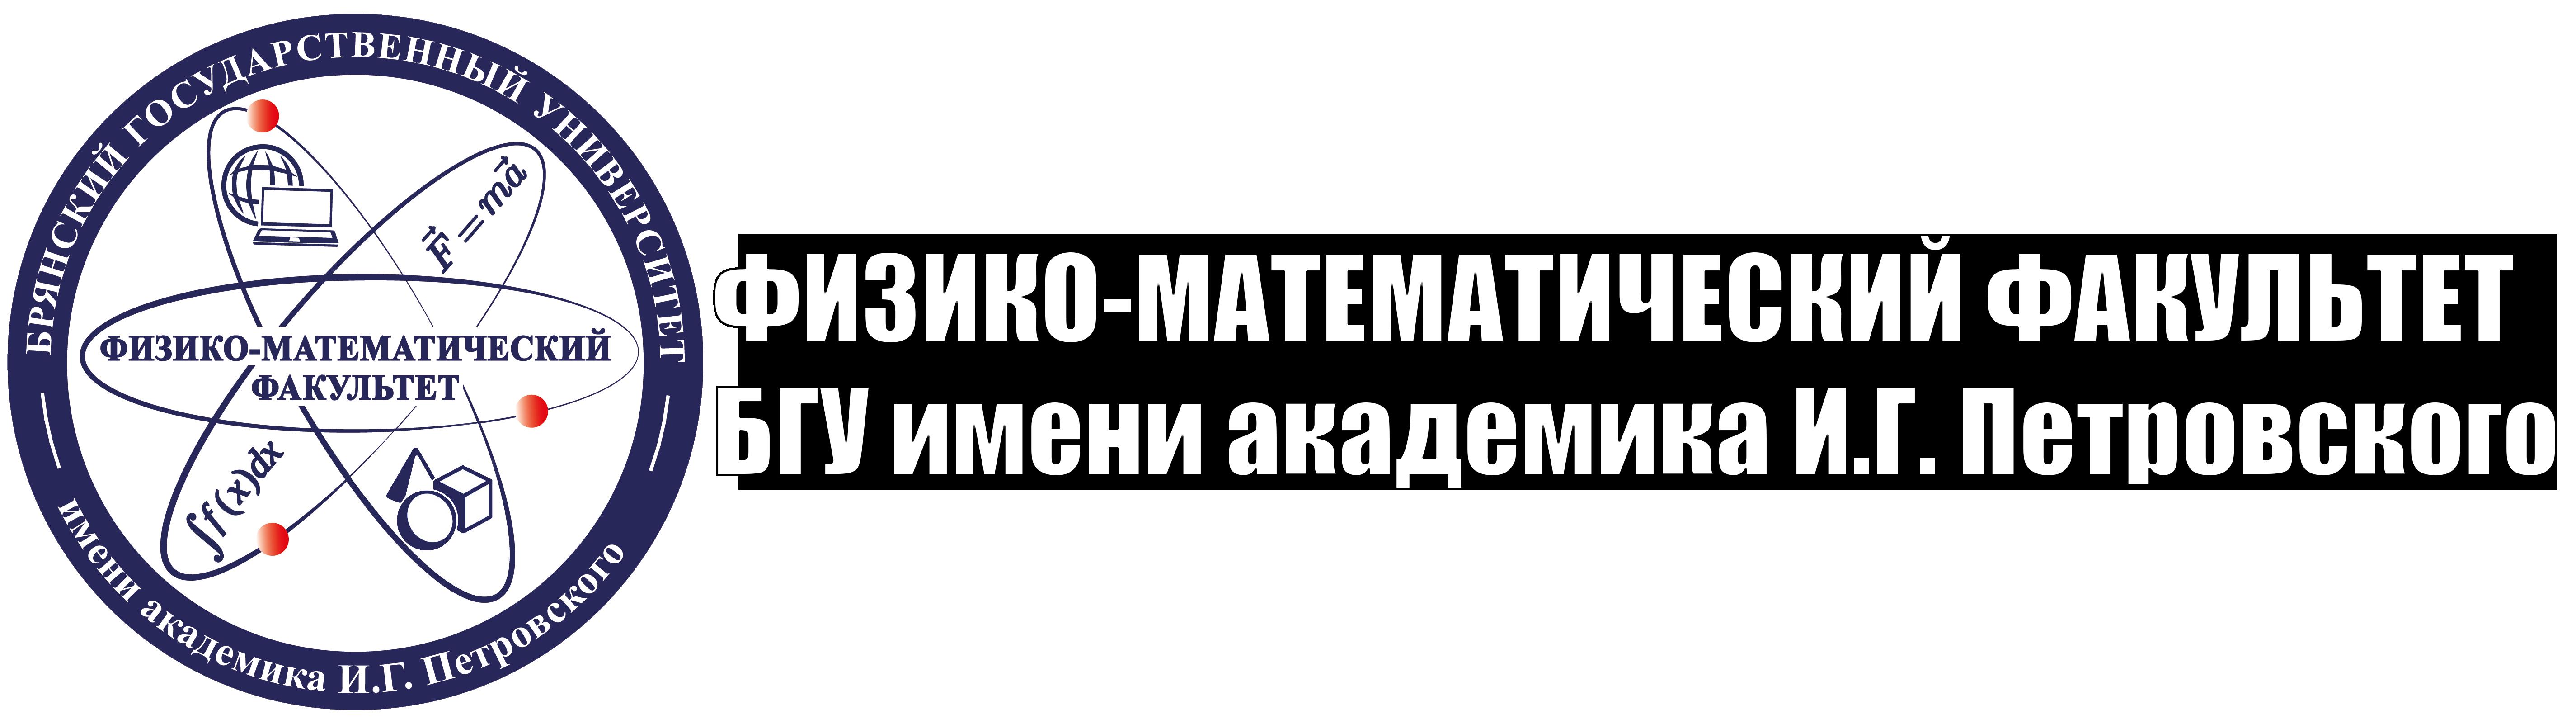 Физико-математический факультет БГУ имени академика И.Г.Петровского